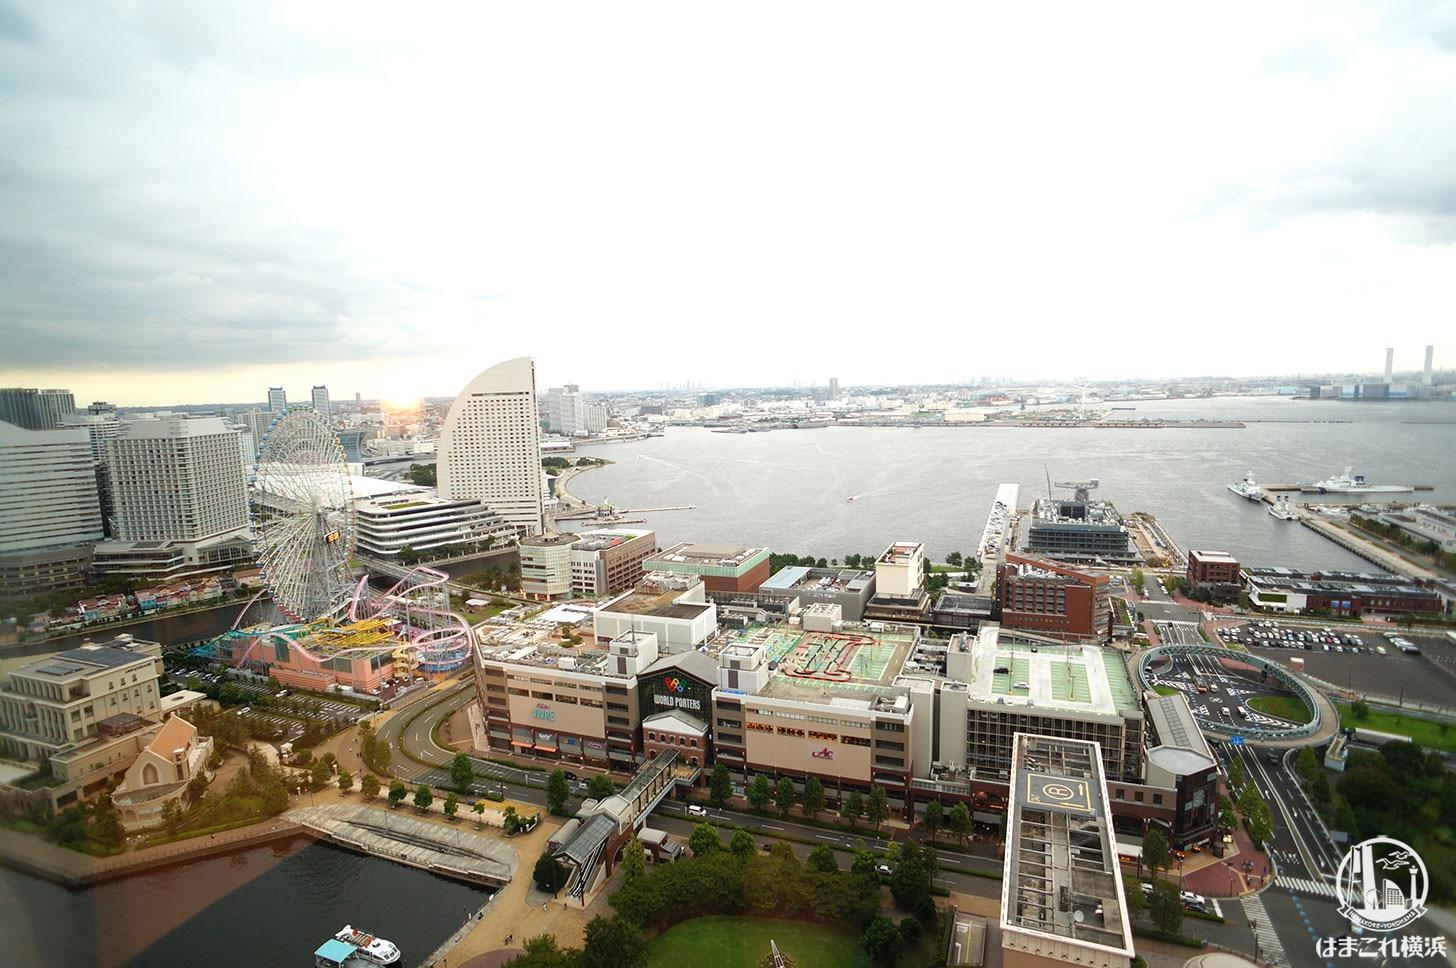 アパホテル&リゾート 横浜ベイタワー「バリアフリールーム」